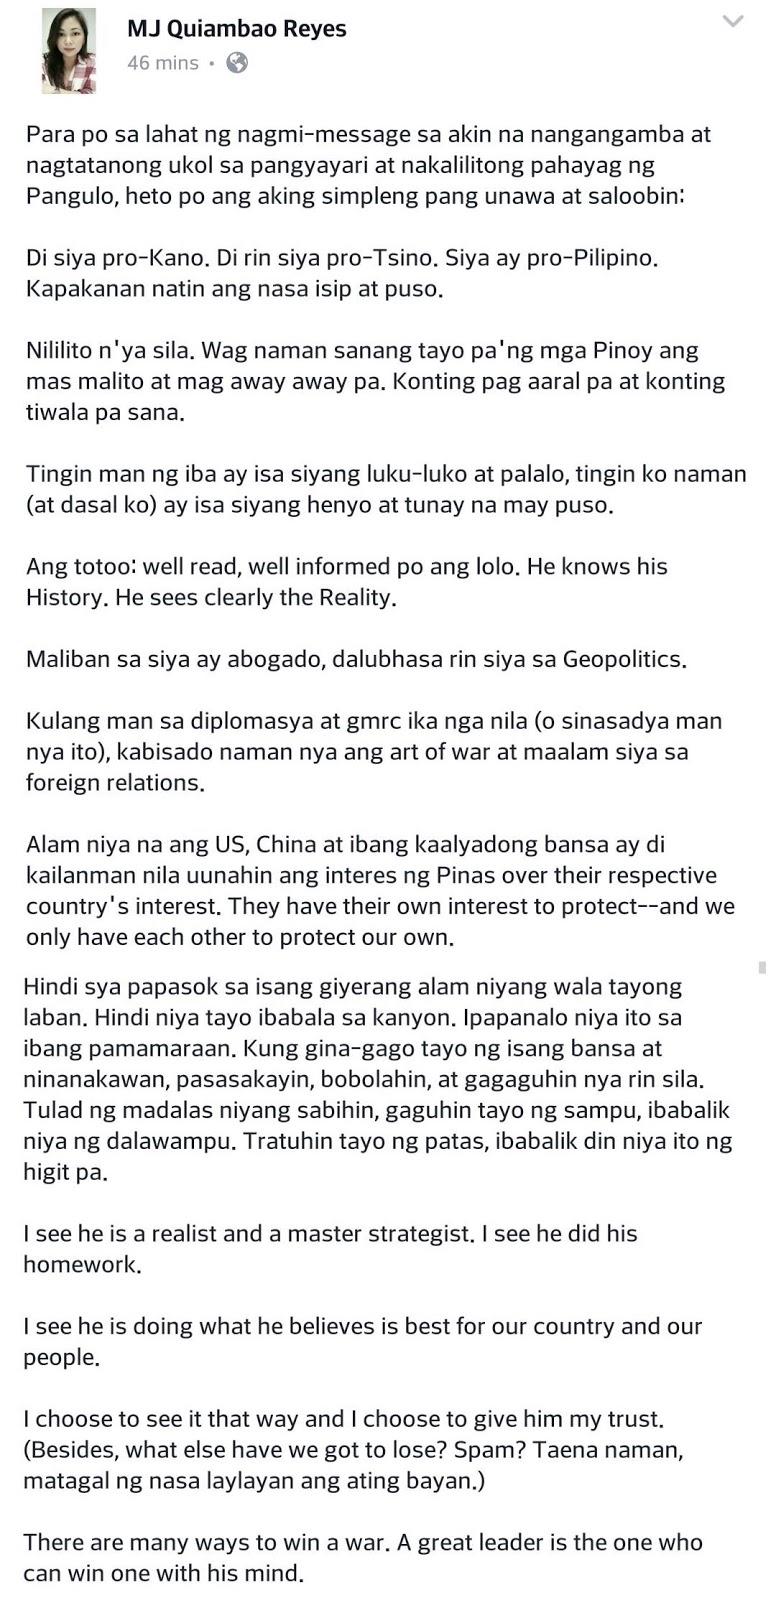 Lionhearted supporter on Duterte: Di siya pro-Kano. Di rin siya pro-Tsino. Siya ay pro-Pilipino